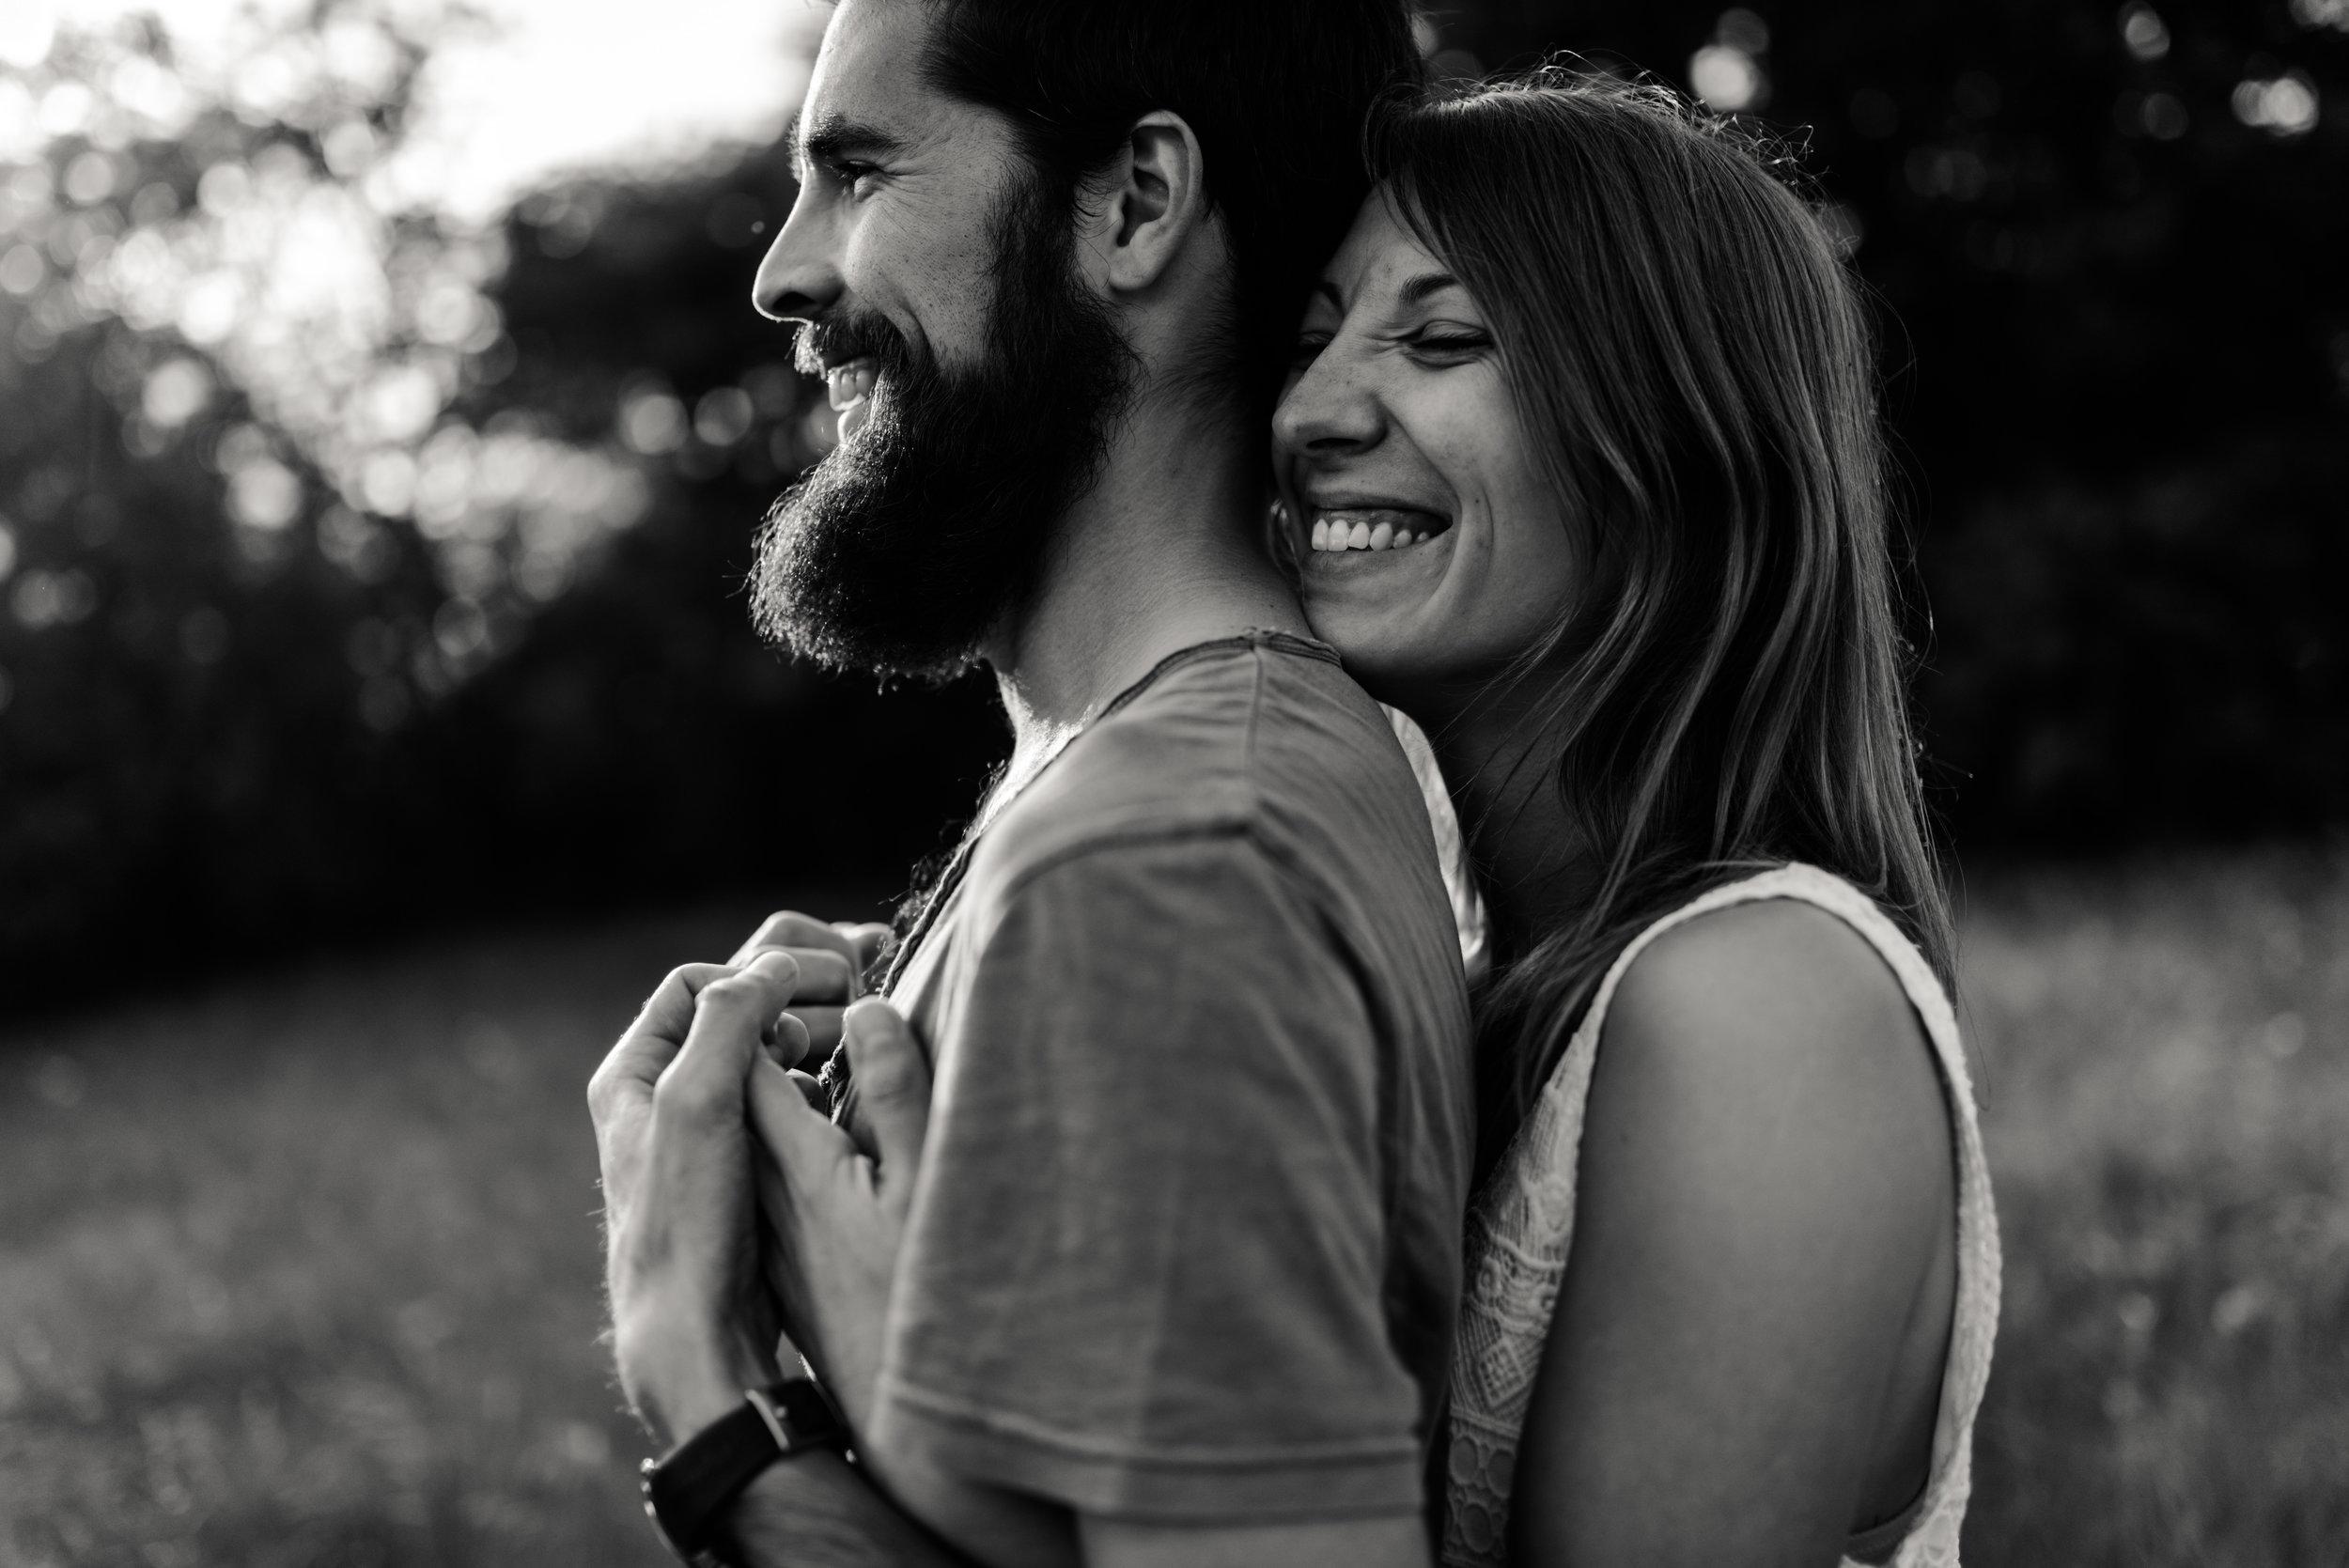 Léa-Fery-photographe-professionnel-lyon-rhone-alpes-portrait-creation-mariage-evenement-evenementiel-famille-0584.jpg